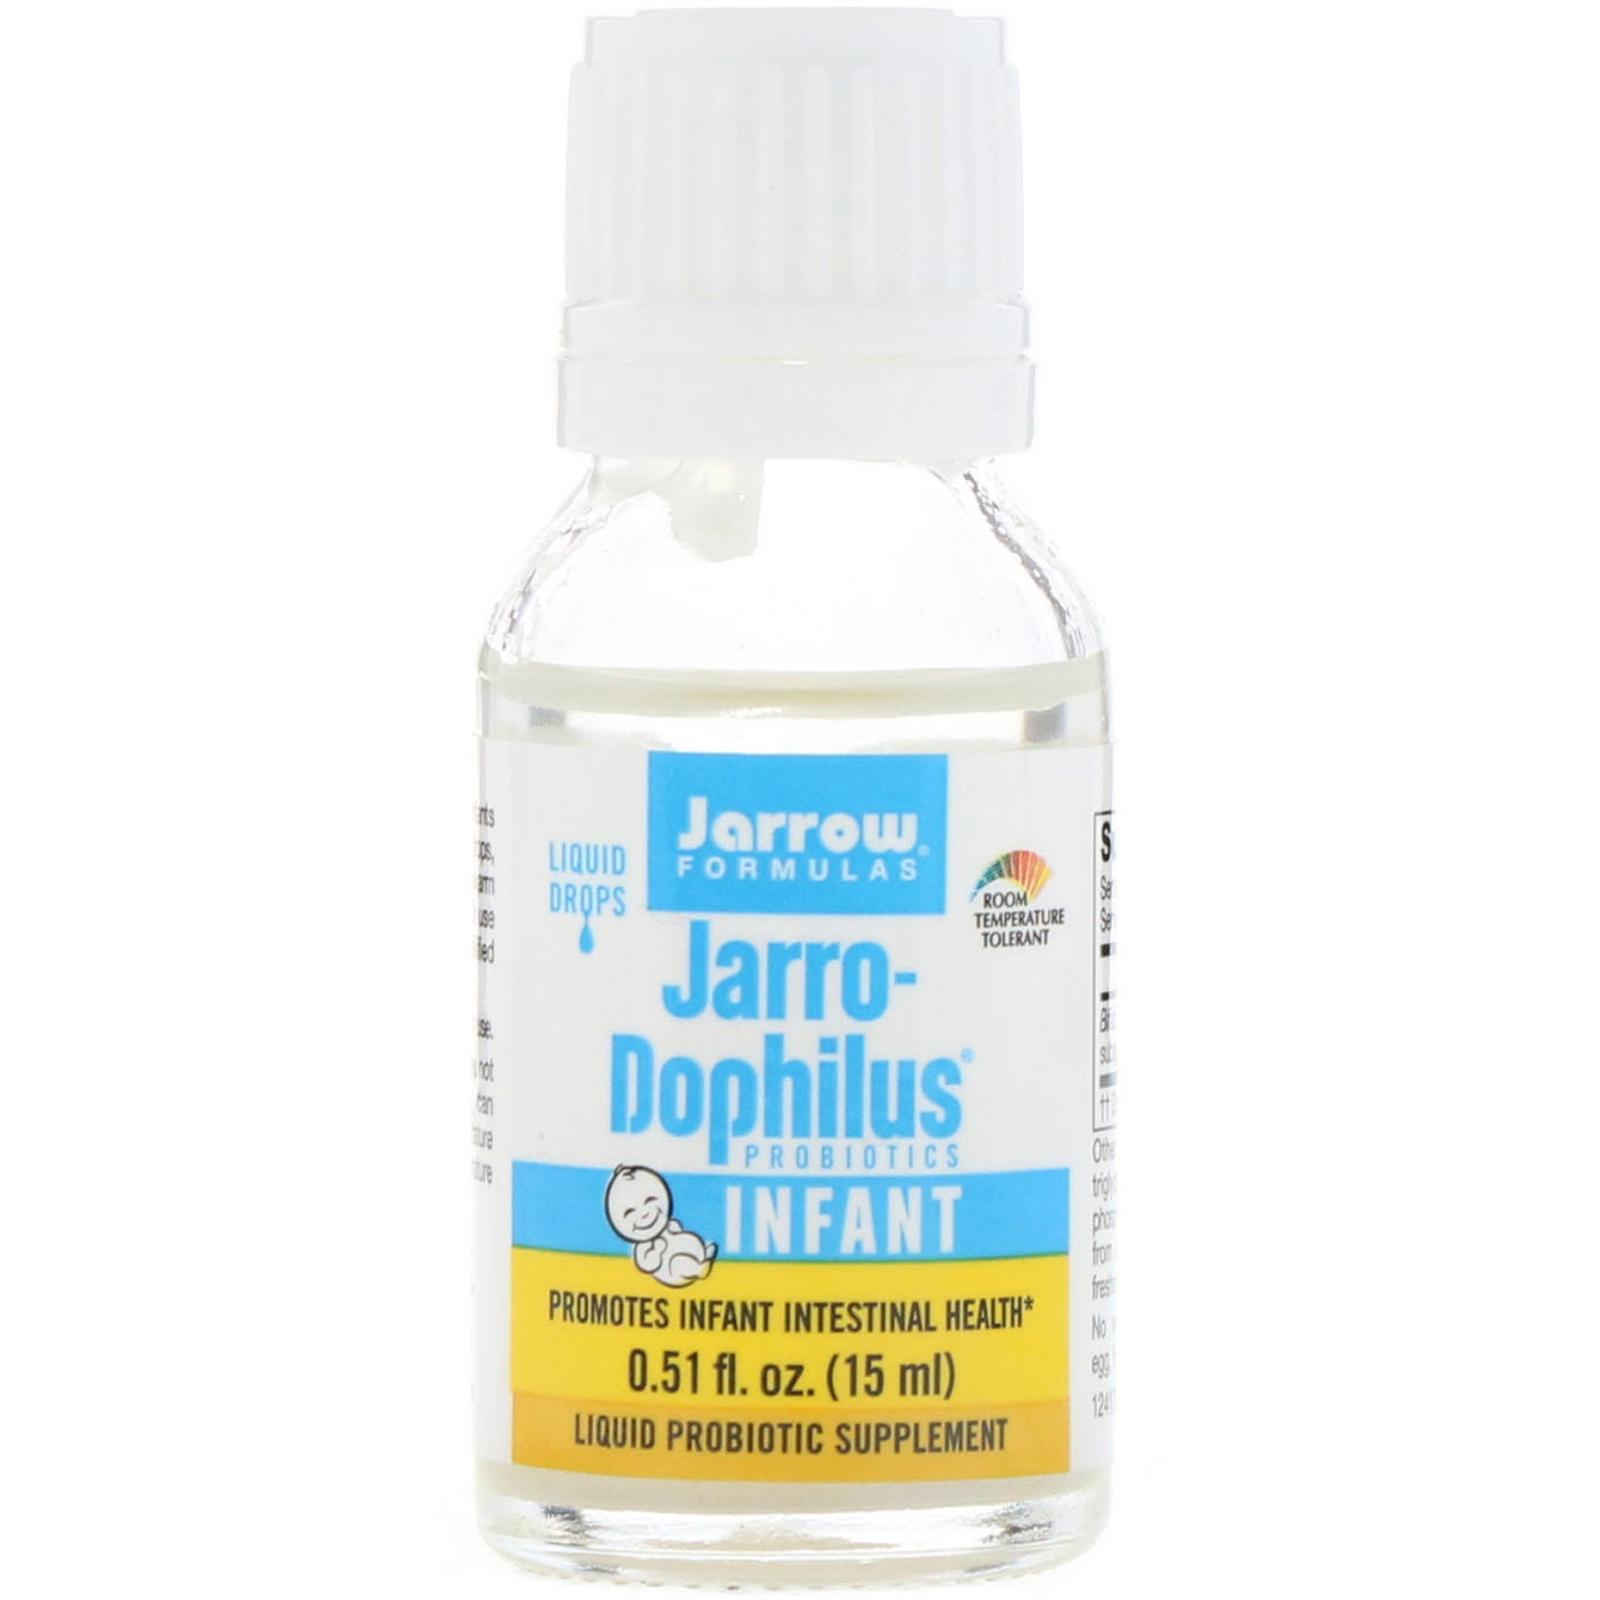 Jarrow Formulas Jarro Dophilus Probiotics Liquid Drops